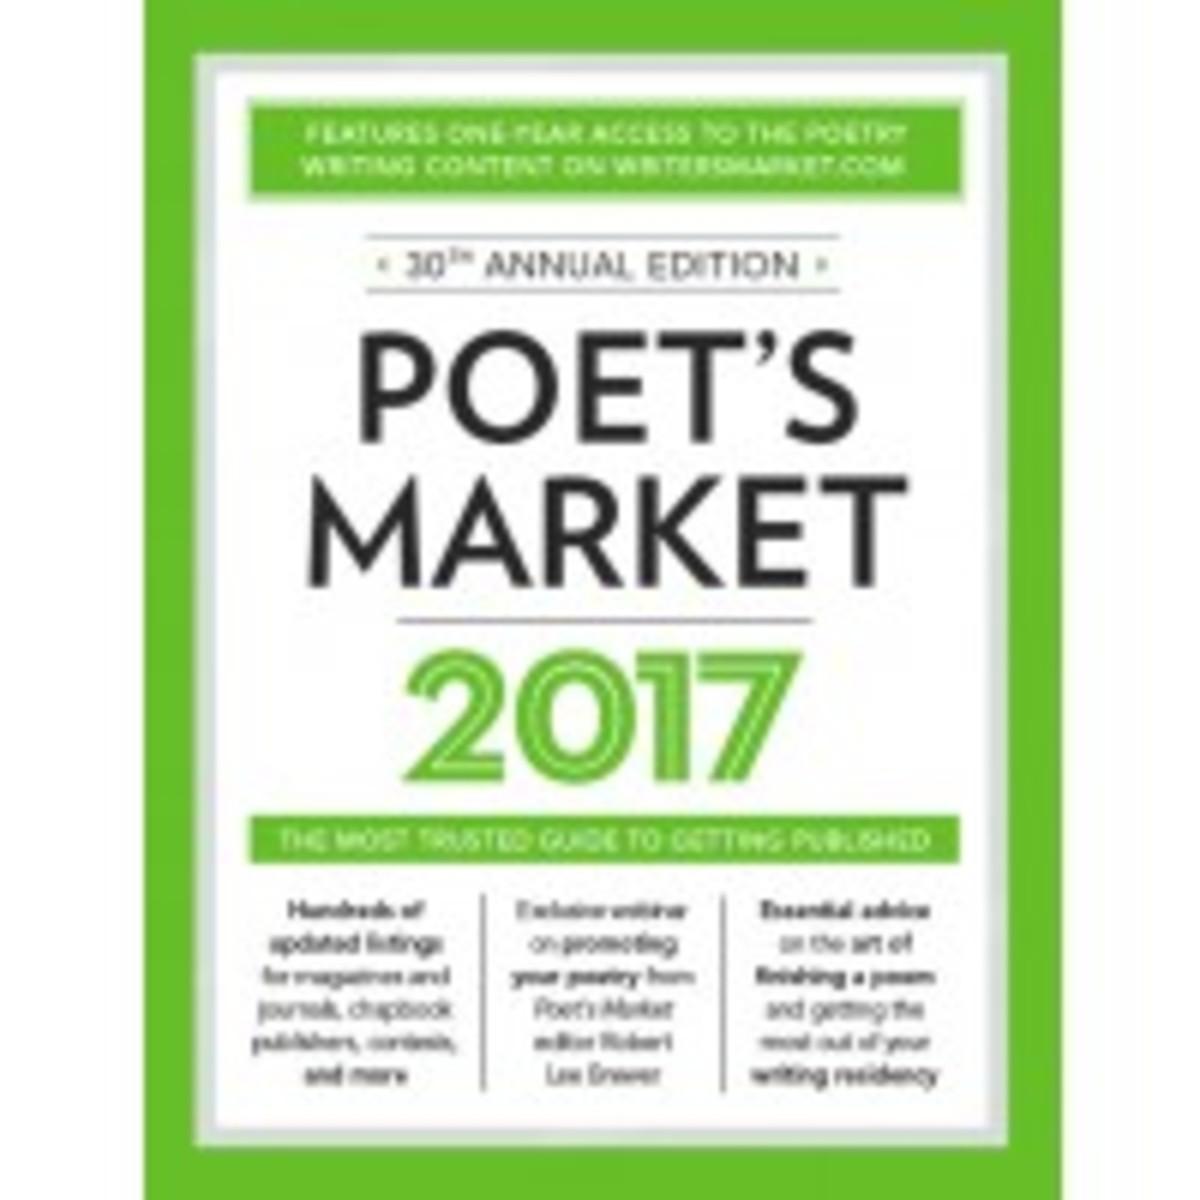 2017_poets_market